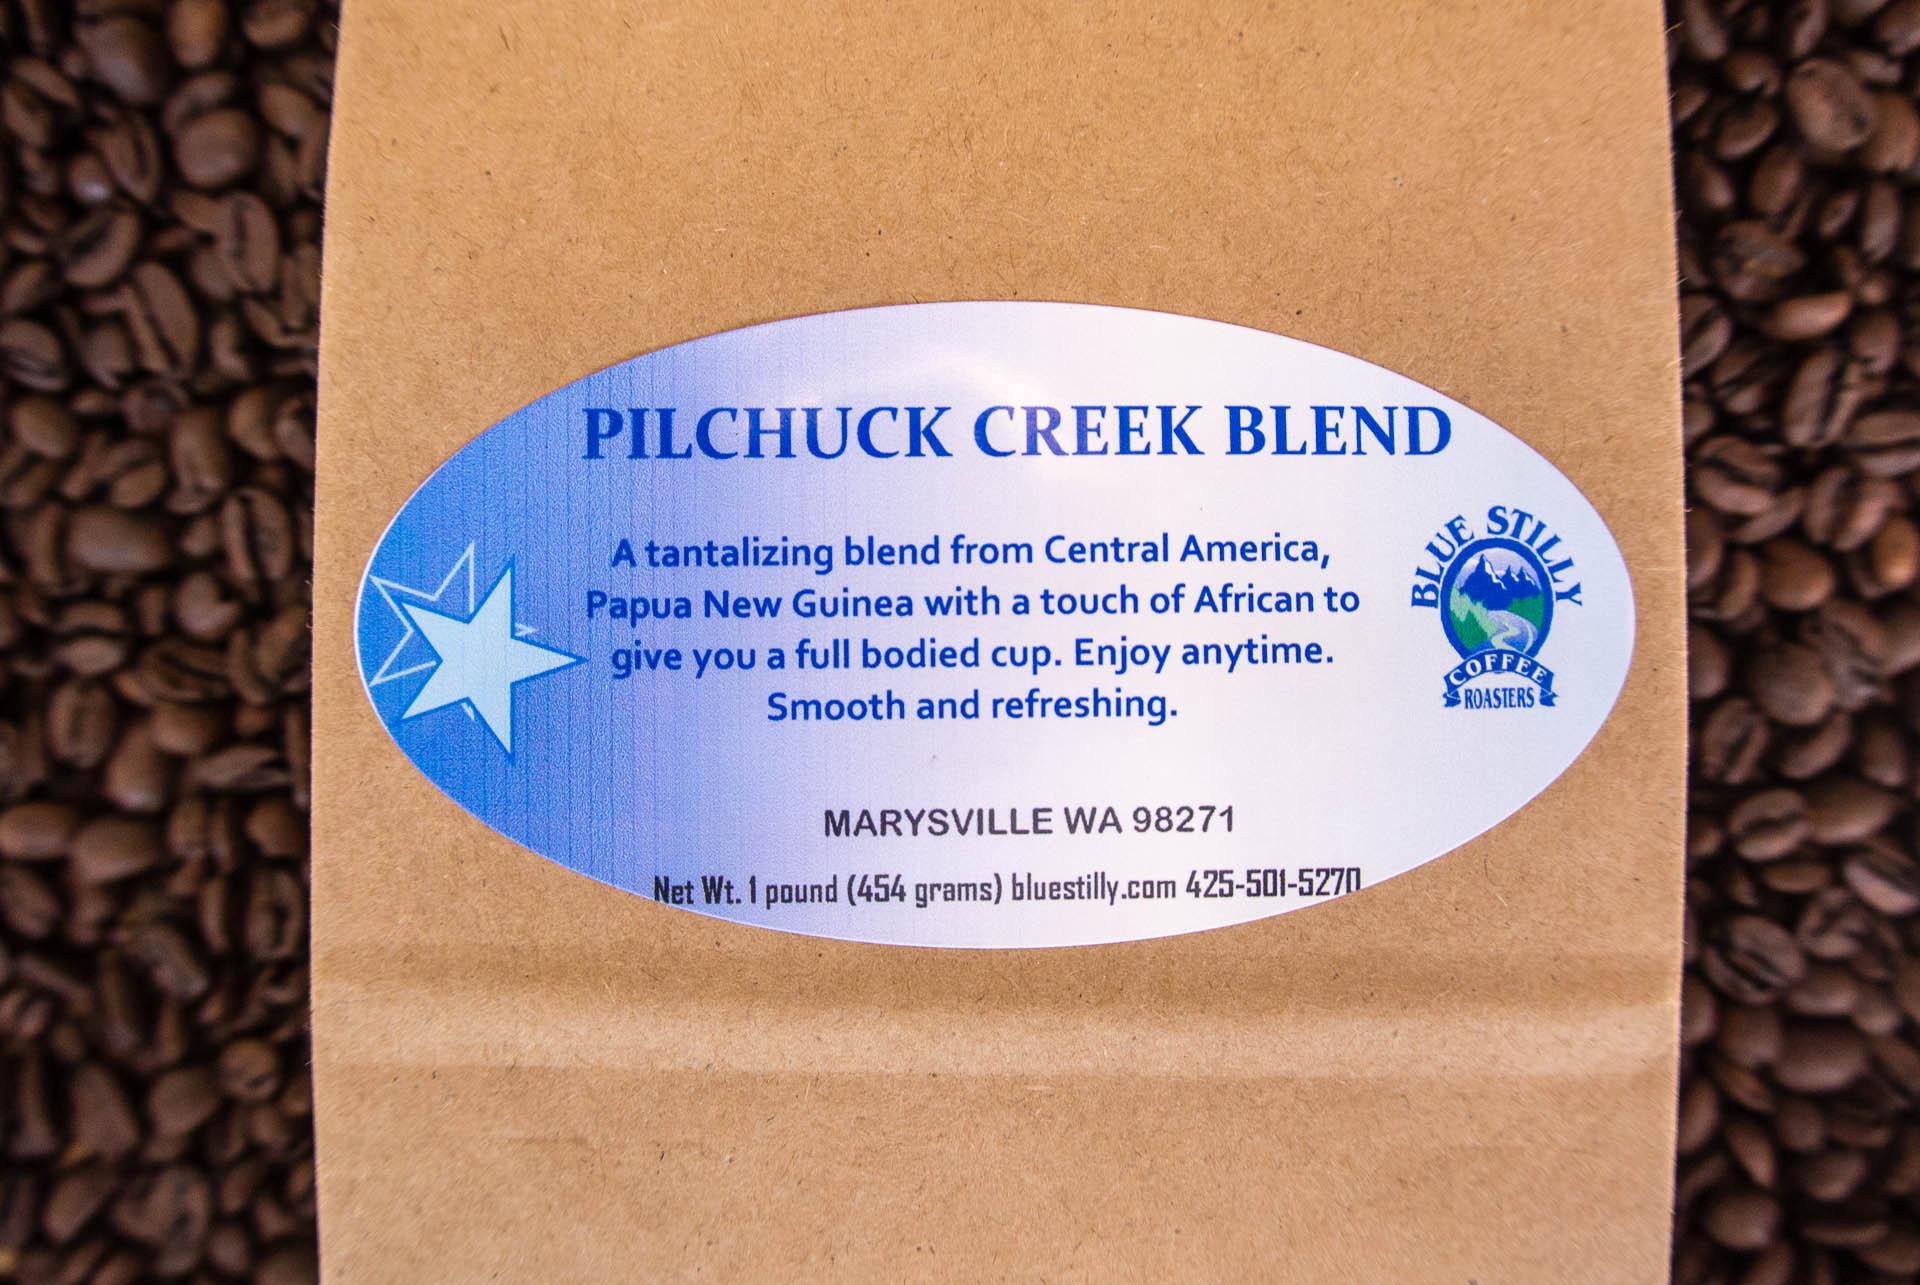 Pilchuck Creek Blend